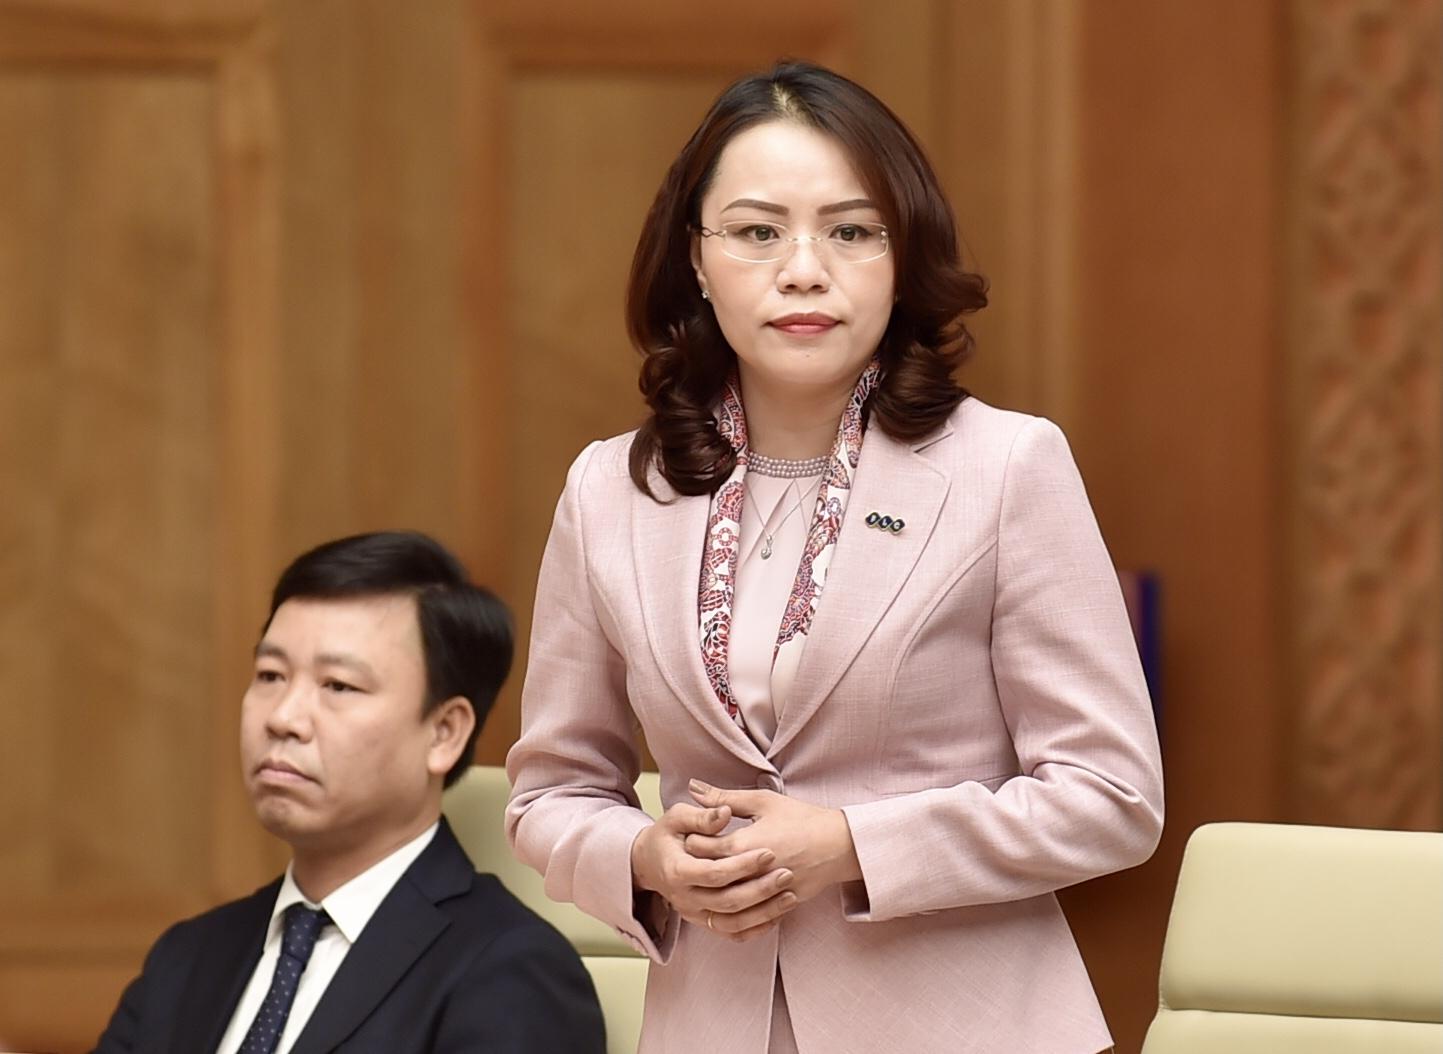 Bà Hương Trần Kiều Dung, Phó Chủ tịch thường trực HĐQT FLC, Phó Chủ tịch HĐQT hãng hàng không Bamboo Airways, Ủy viên Ban Thường vụ Hiệp hội Bất động sản Việt Nam, cho rằng: Thủ tướng luôn dành sự quan tâm rất lớn cho phát triển kinh tế và sự đóng góp của giới doanh nhân. Ảnh: VGP/Nhật Bắc